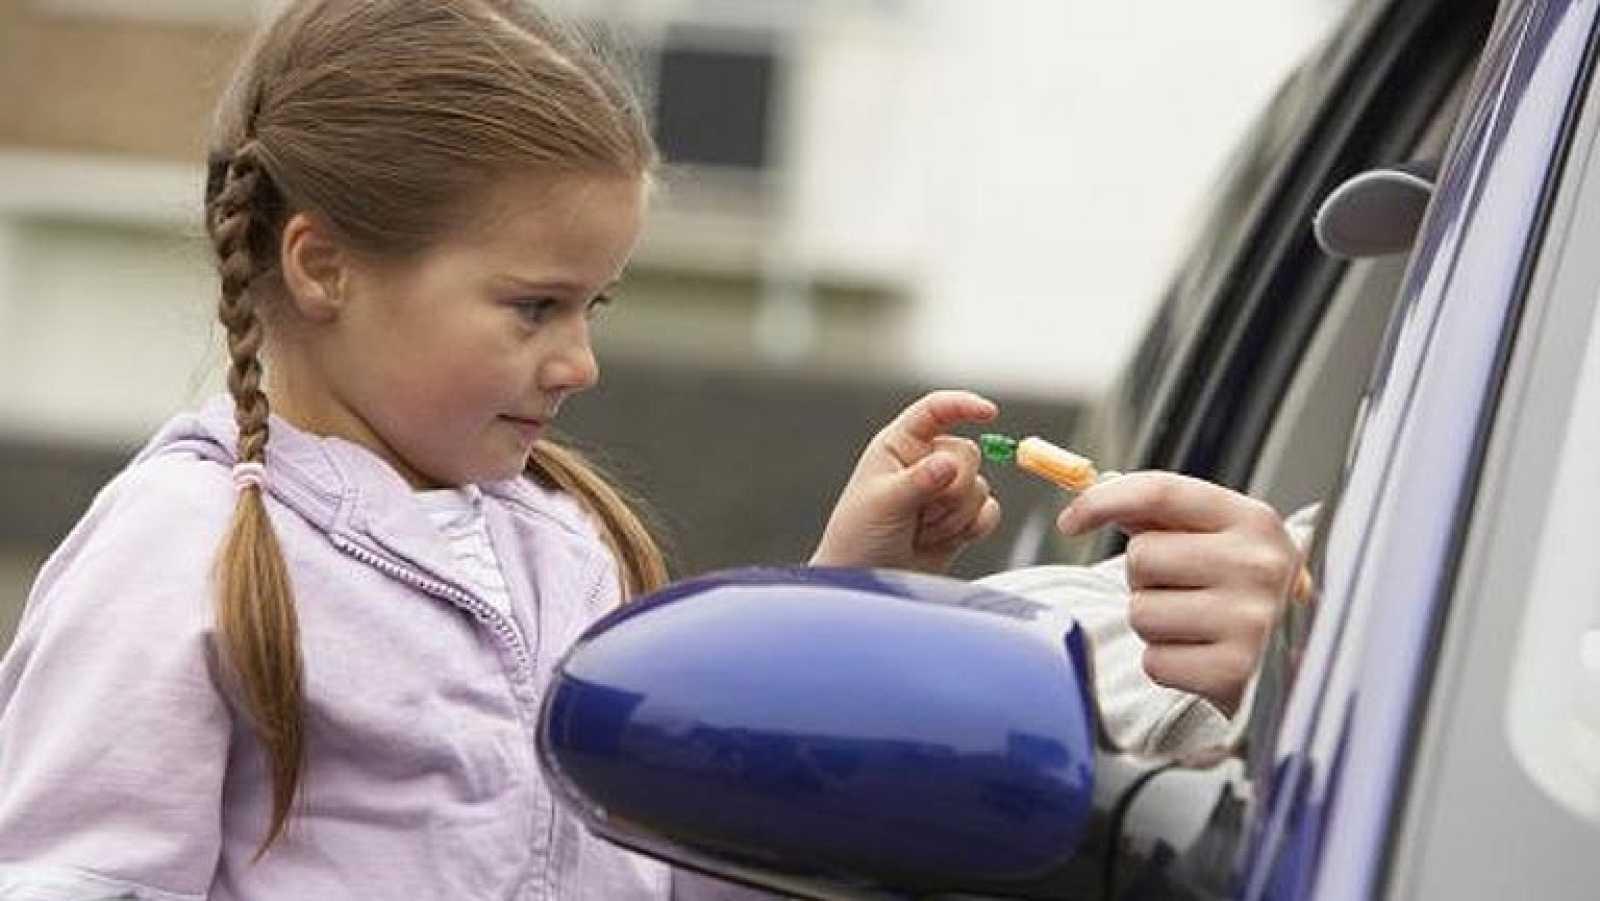 Para prevenir secuestros: alertar a los niños pero no asustarlos ...